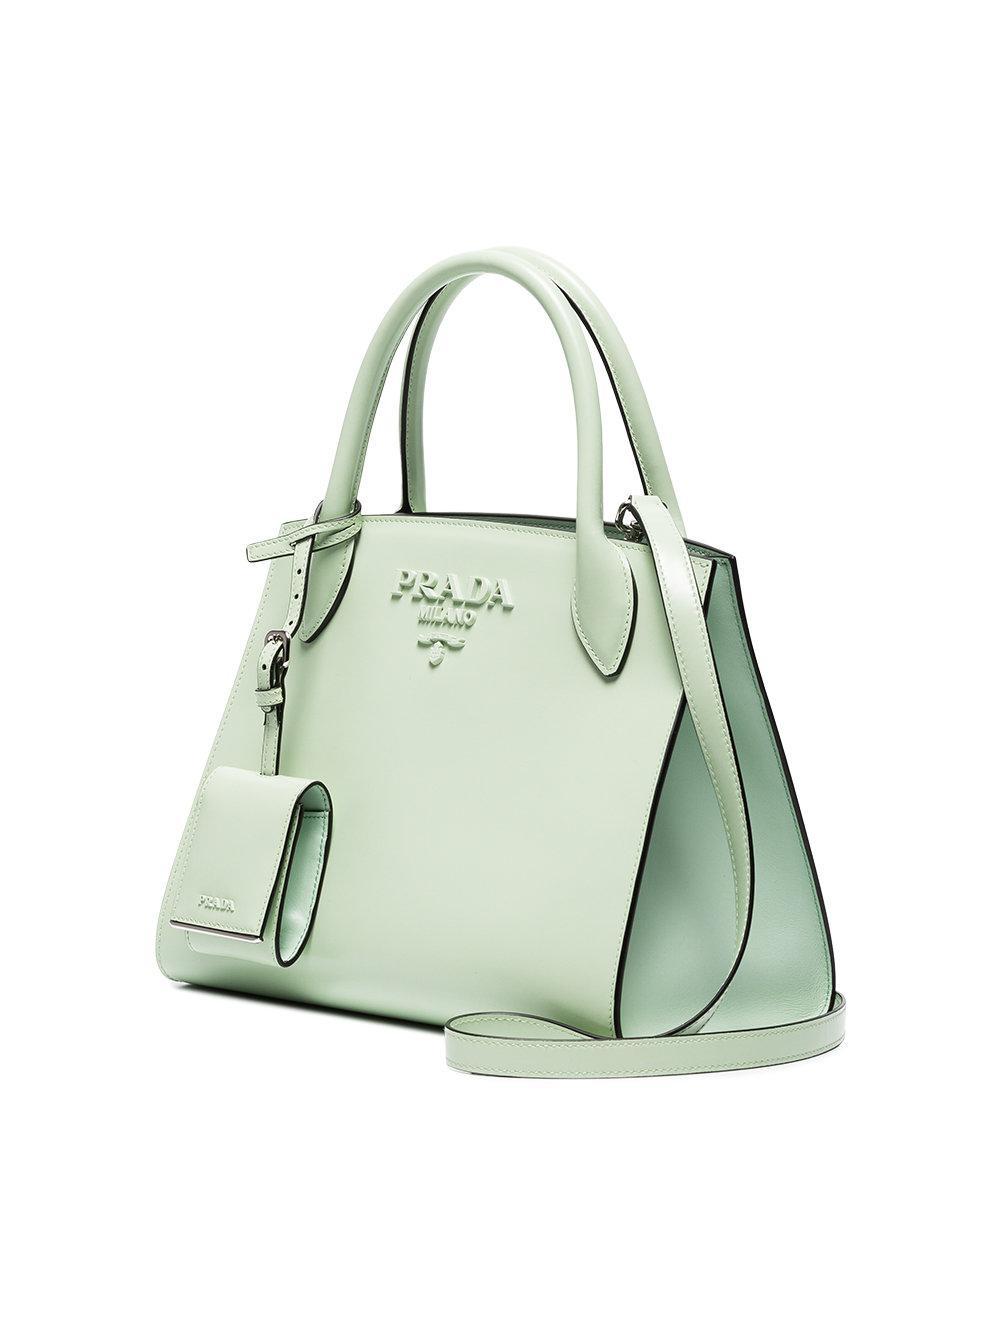 2735824d83 Prada Green Monogram Leather Tote Bag